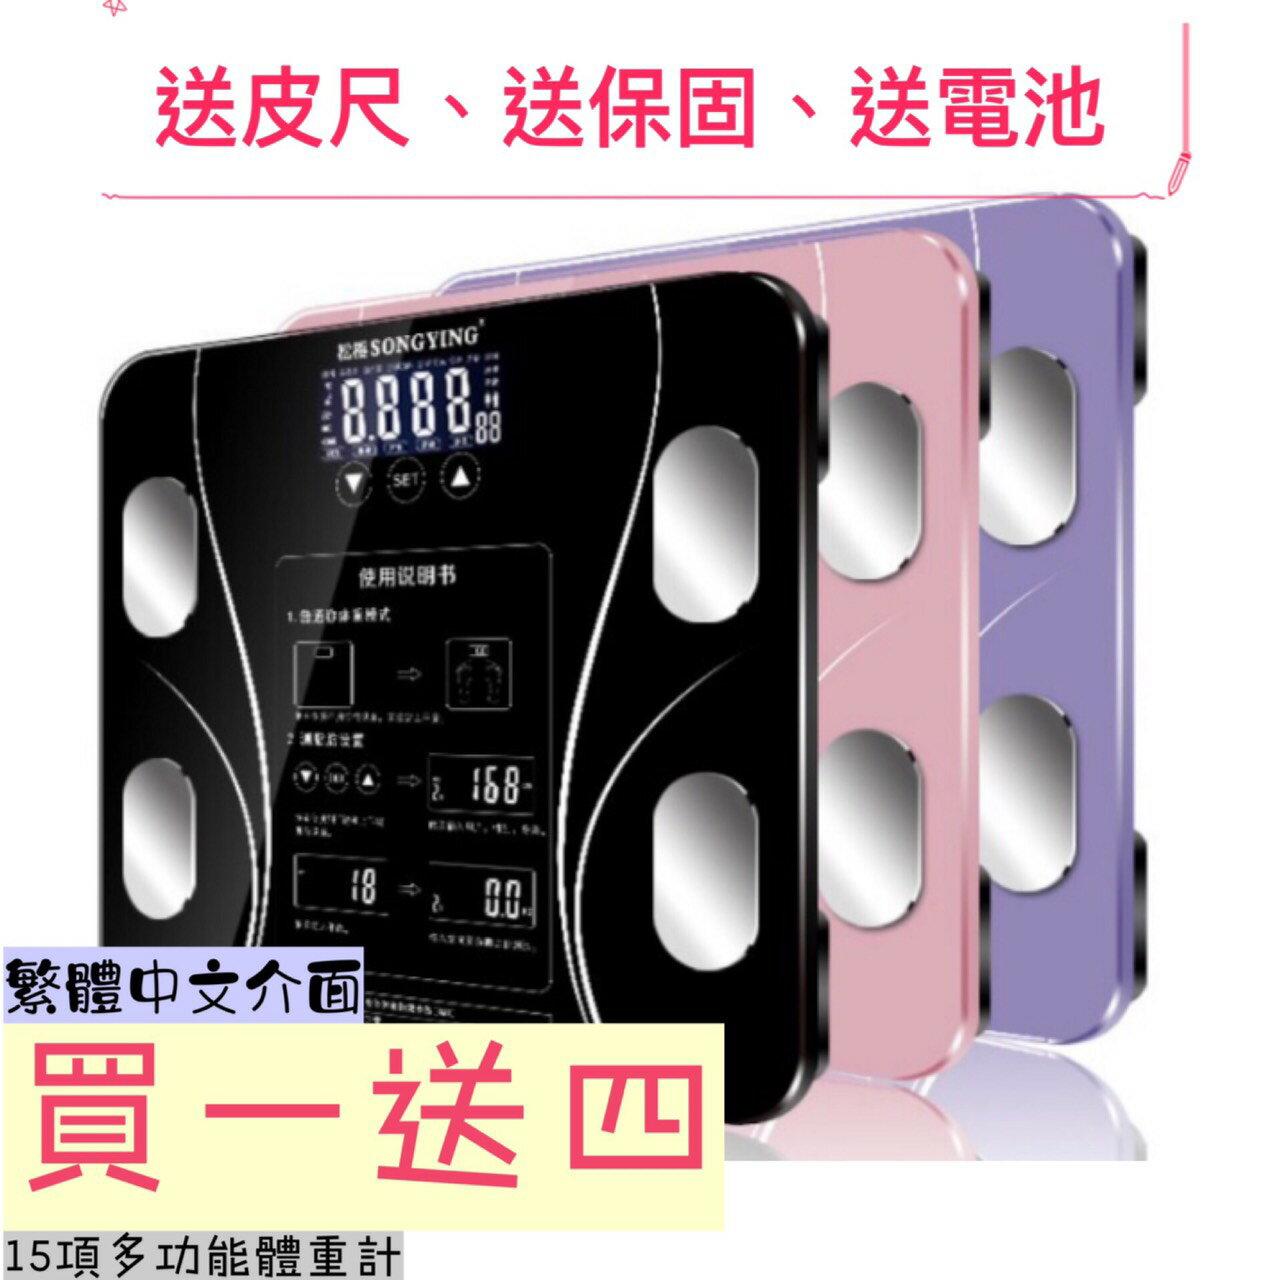 現貨 升級15合一智能體重計(5色) CP值爆表 繁體中文介面-五款可選 保固一個月 多功能體重機 家用體重機